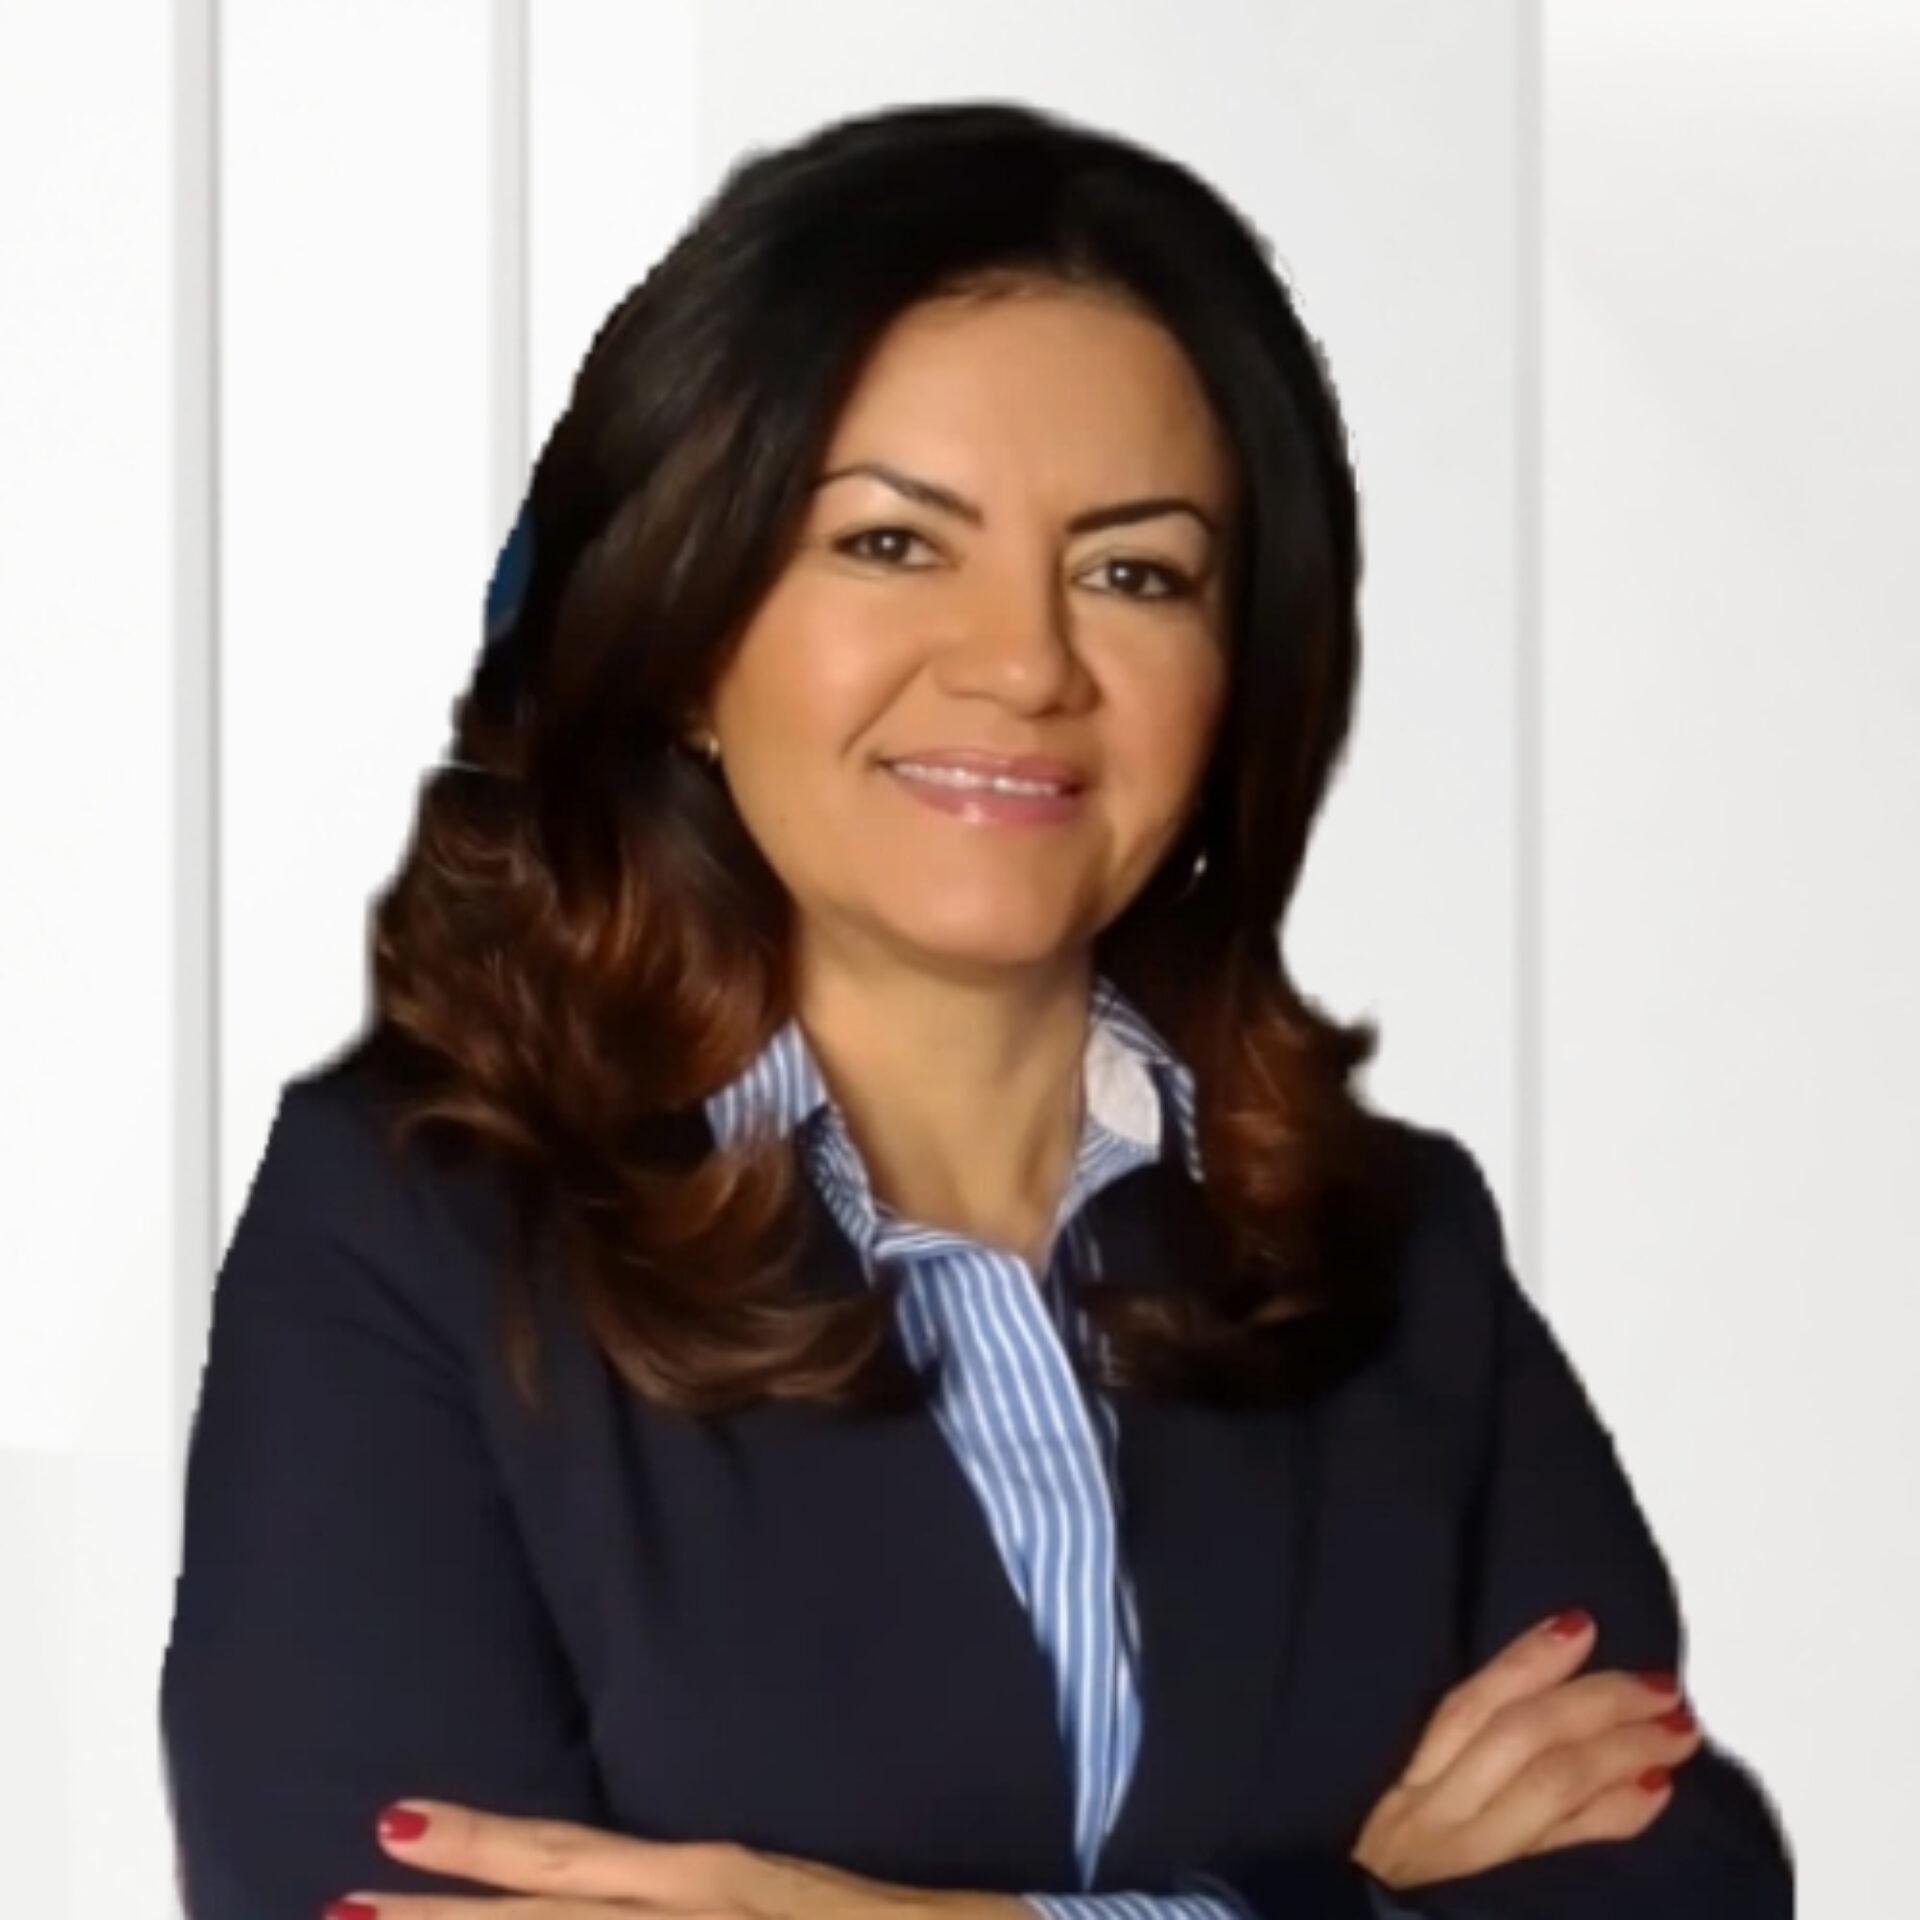 Photo of Gisella Menoscal